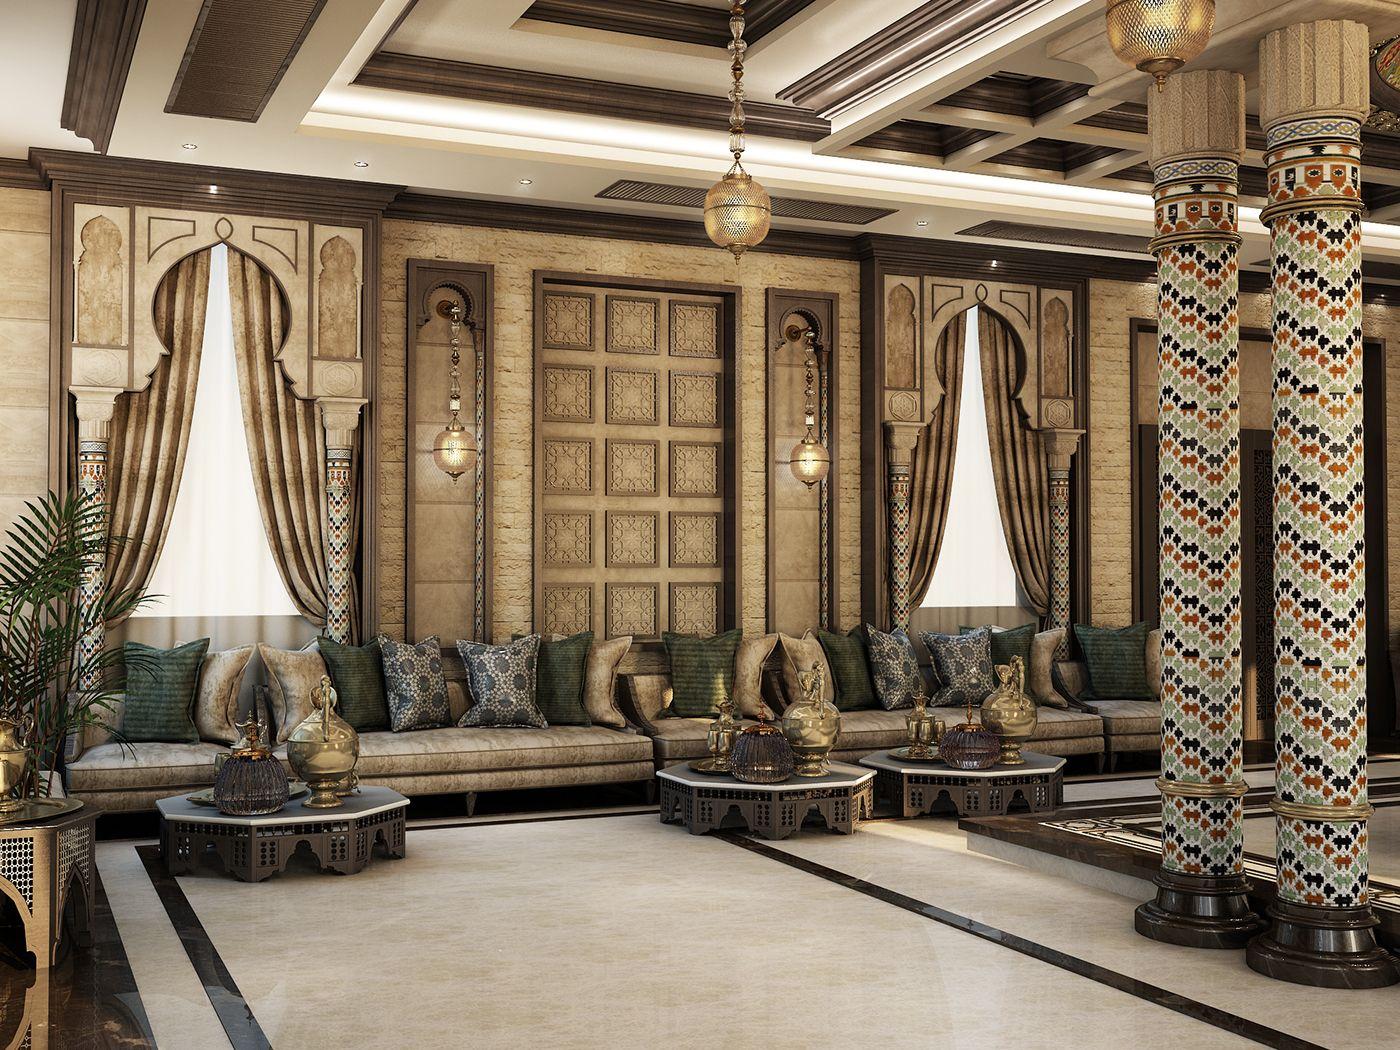 الرجال سيصدره شرقية المجالس السعودية على Behance Luxury House Interior Design Interior Design Bedroom Small Lounge Interiors